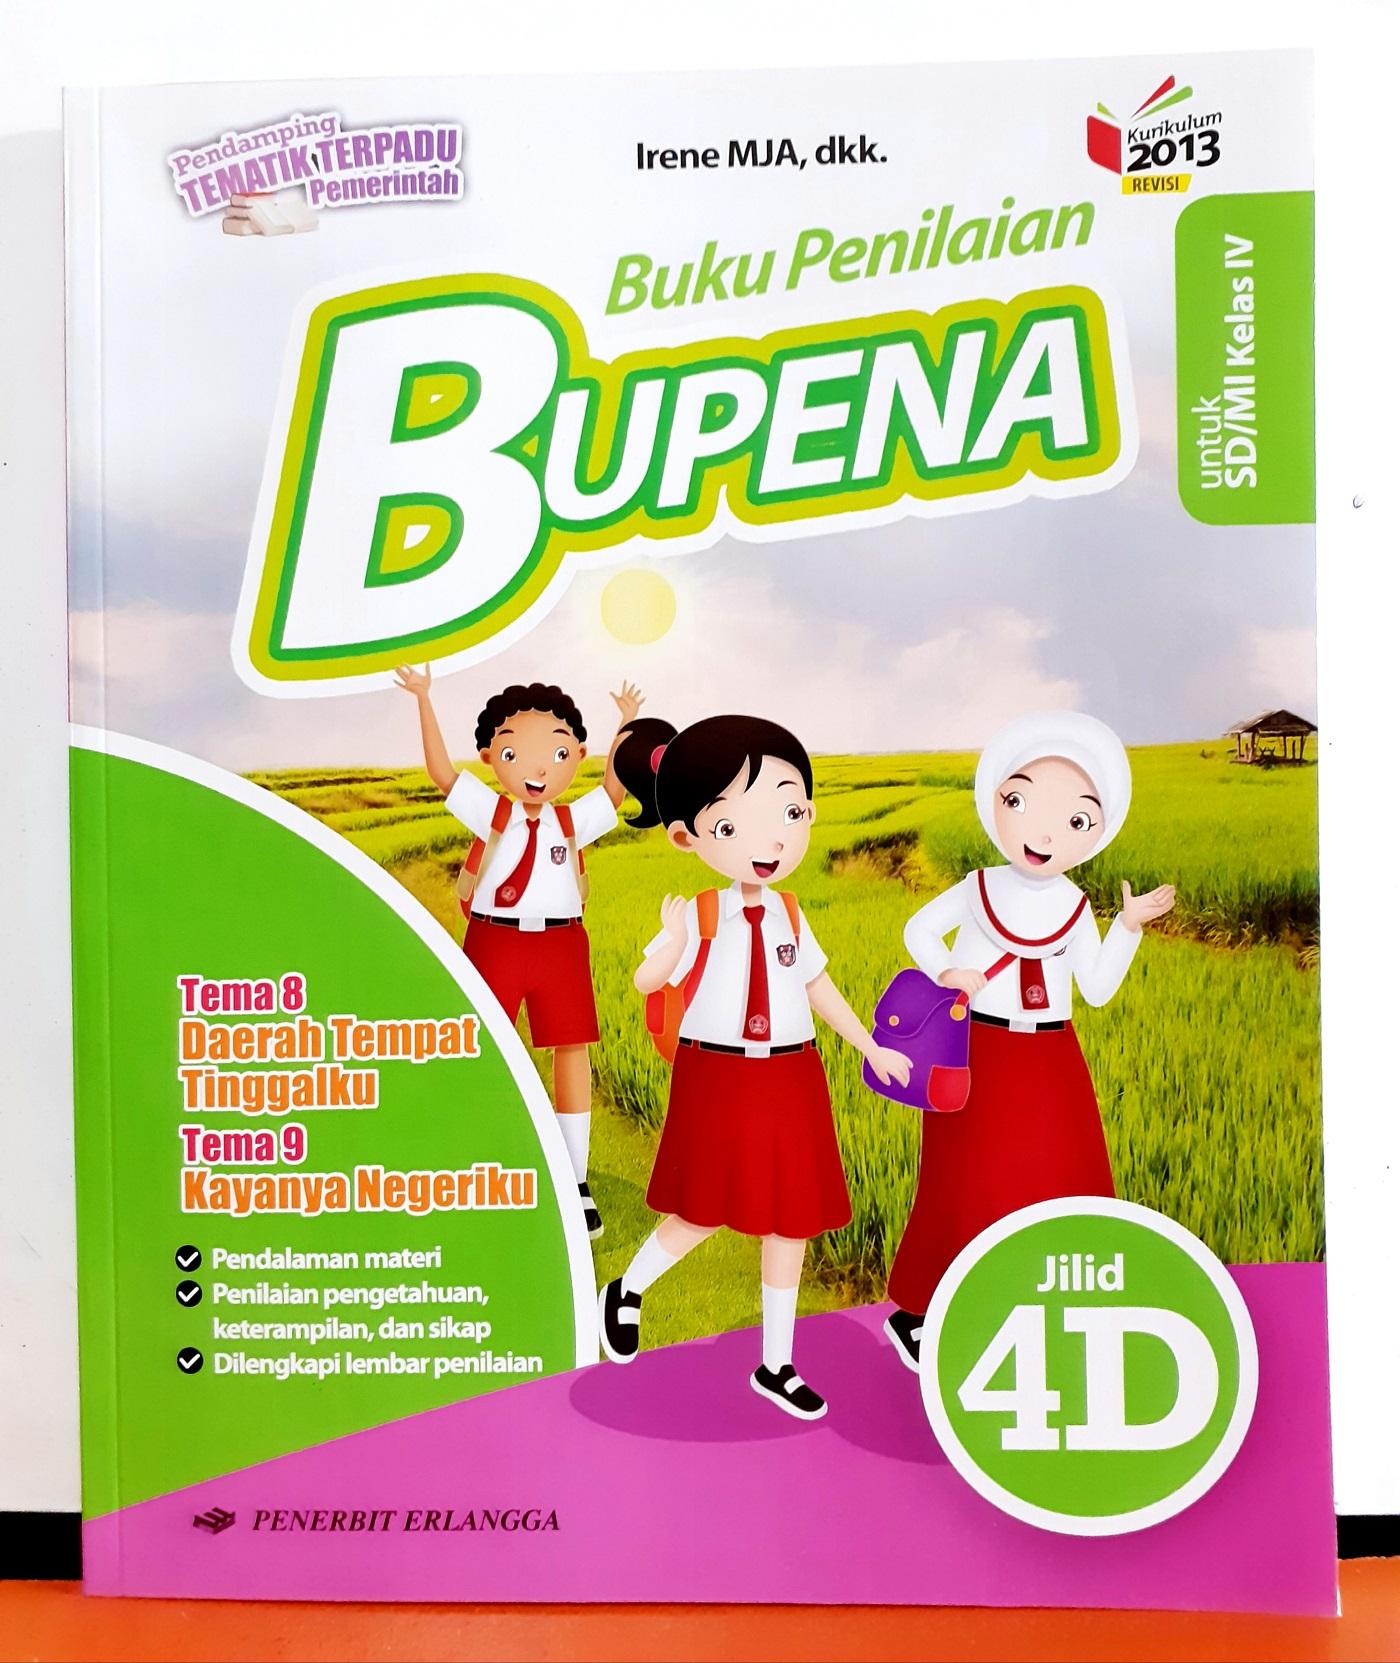 Buku Bupena 4d Sd Kelas 4 K2013 Revisi Tema 8 Dan Tema 9 By Irene M J A Dkk Lazada Indonesia